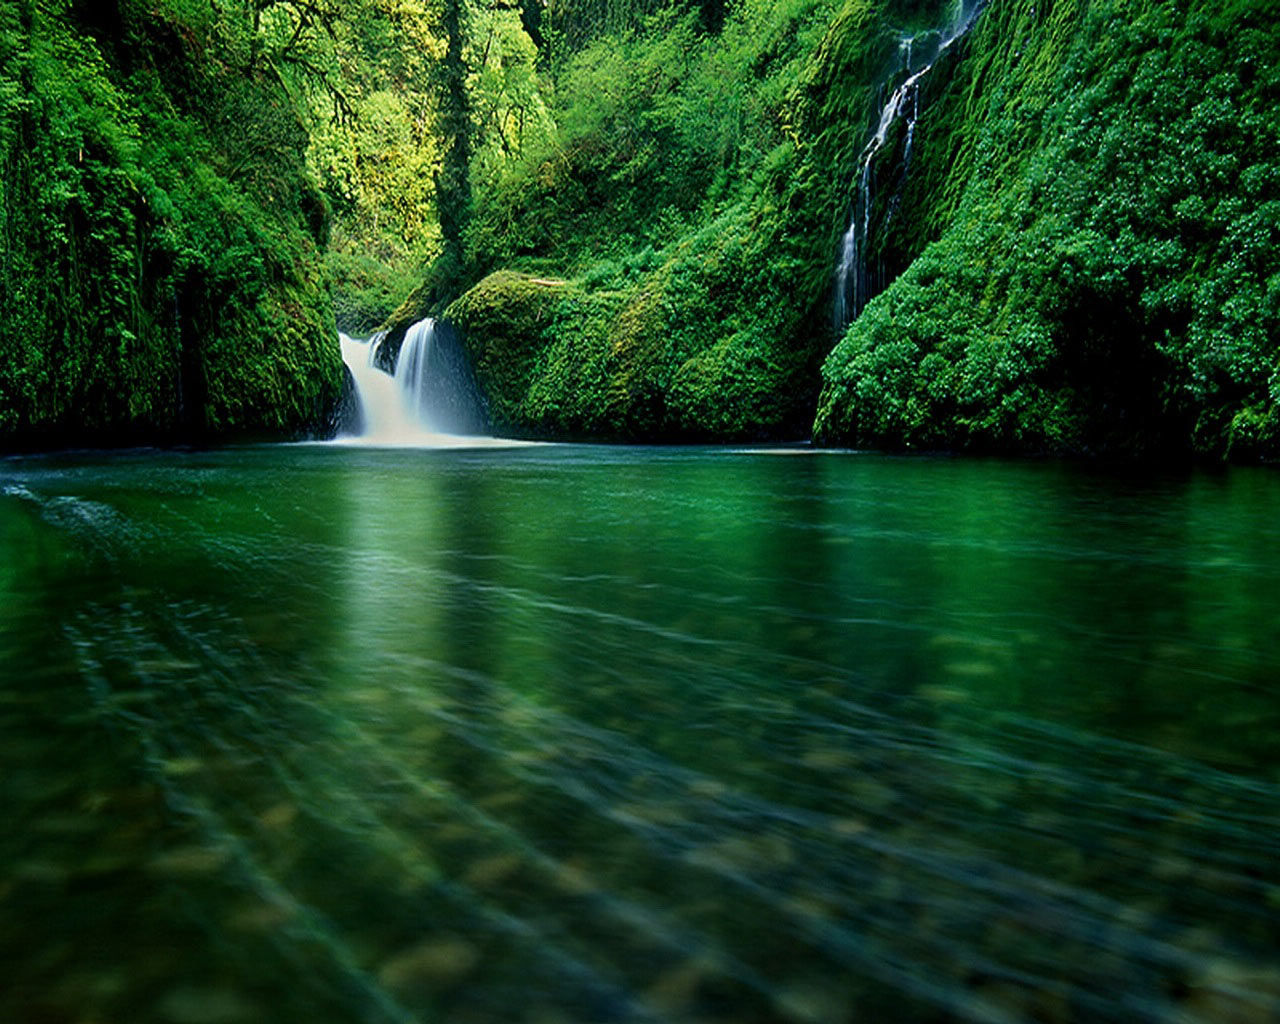 Download software Gambar Pemandangan Alam yang Indah